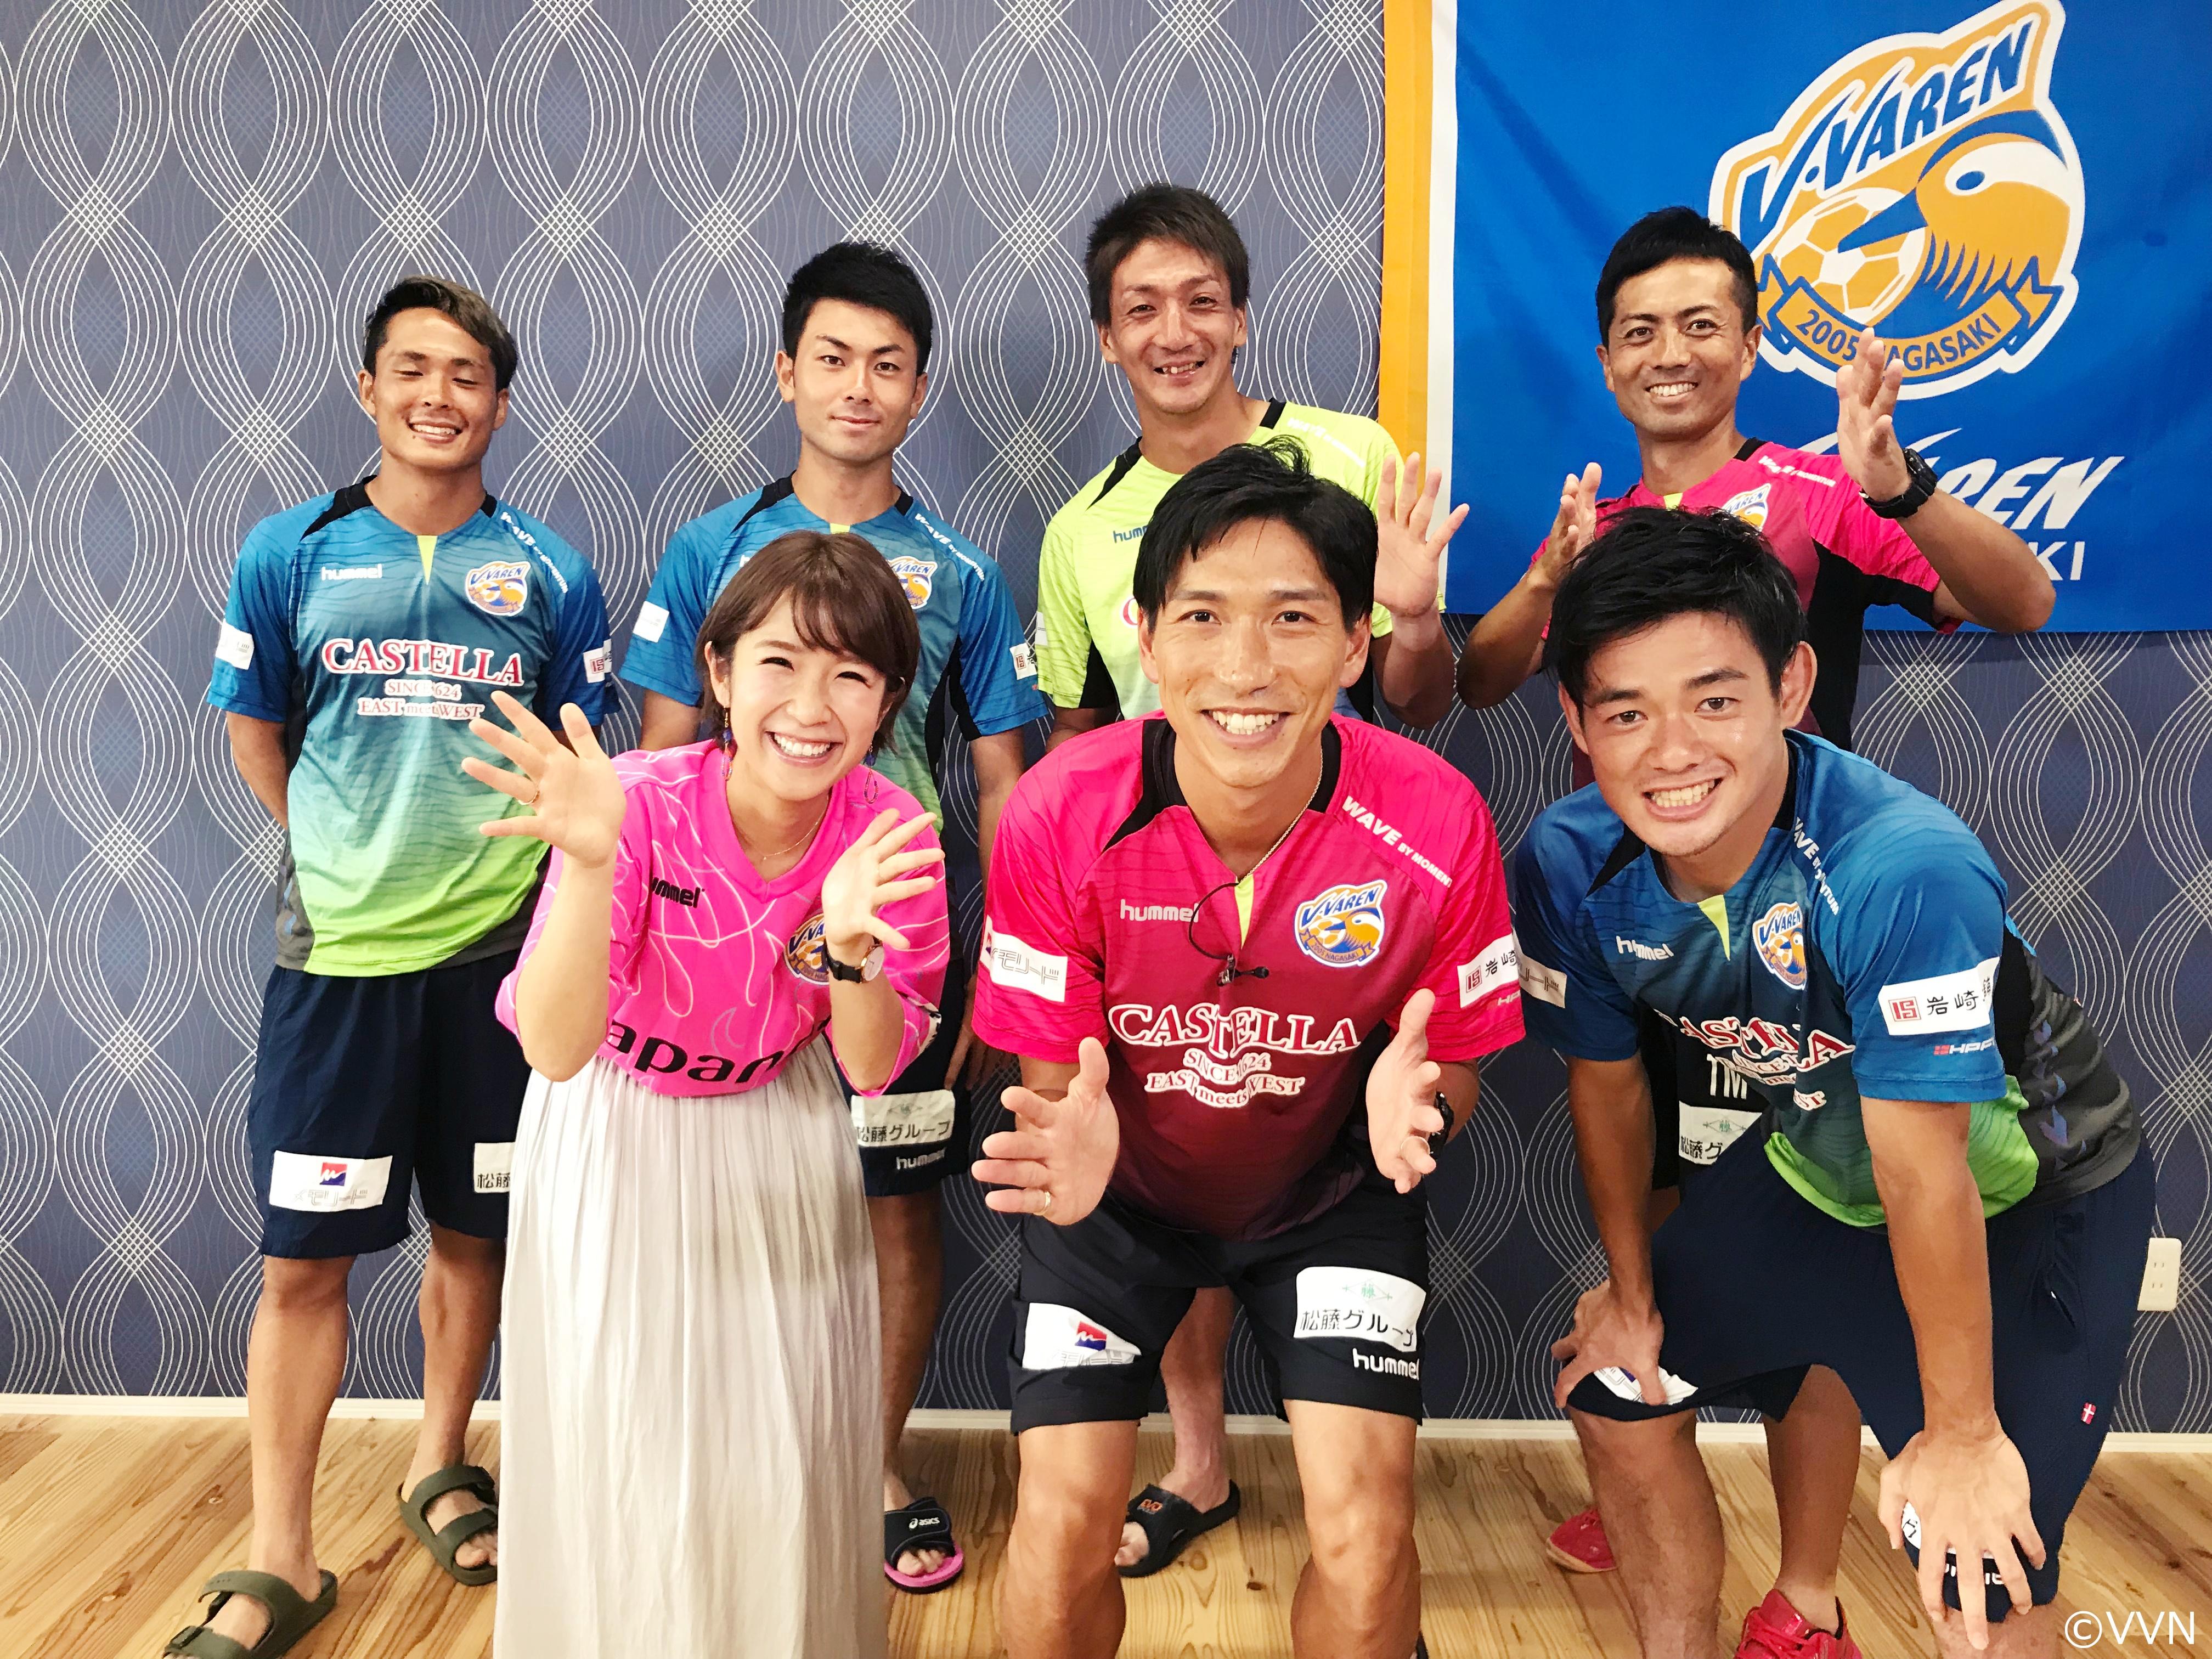 【テレビ出演情報】<9/22 (土) >ALL V・ファーレンに関西出身の選手たちが出演! サムネイル